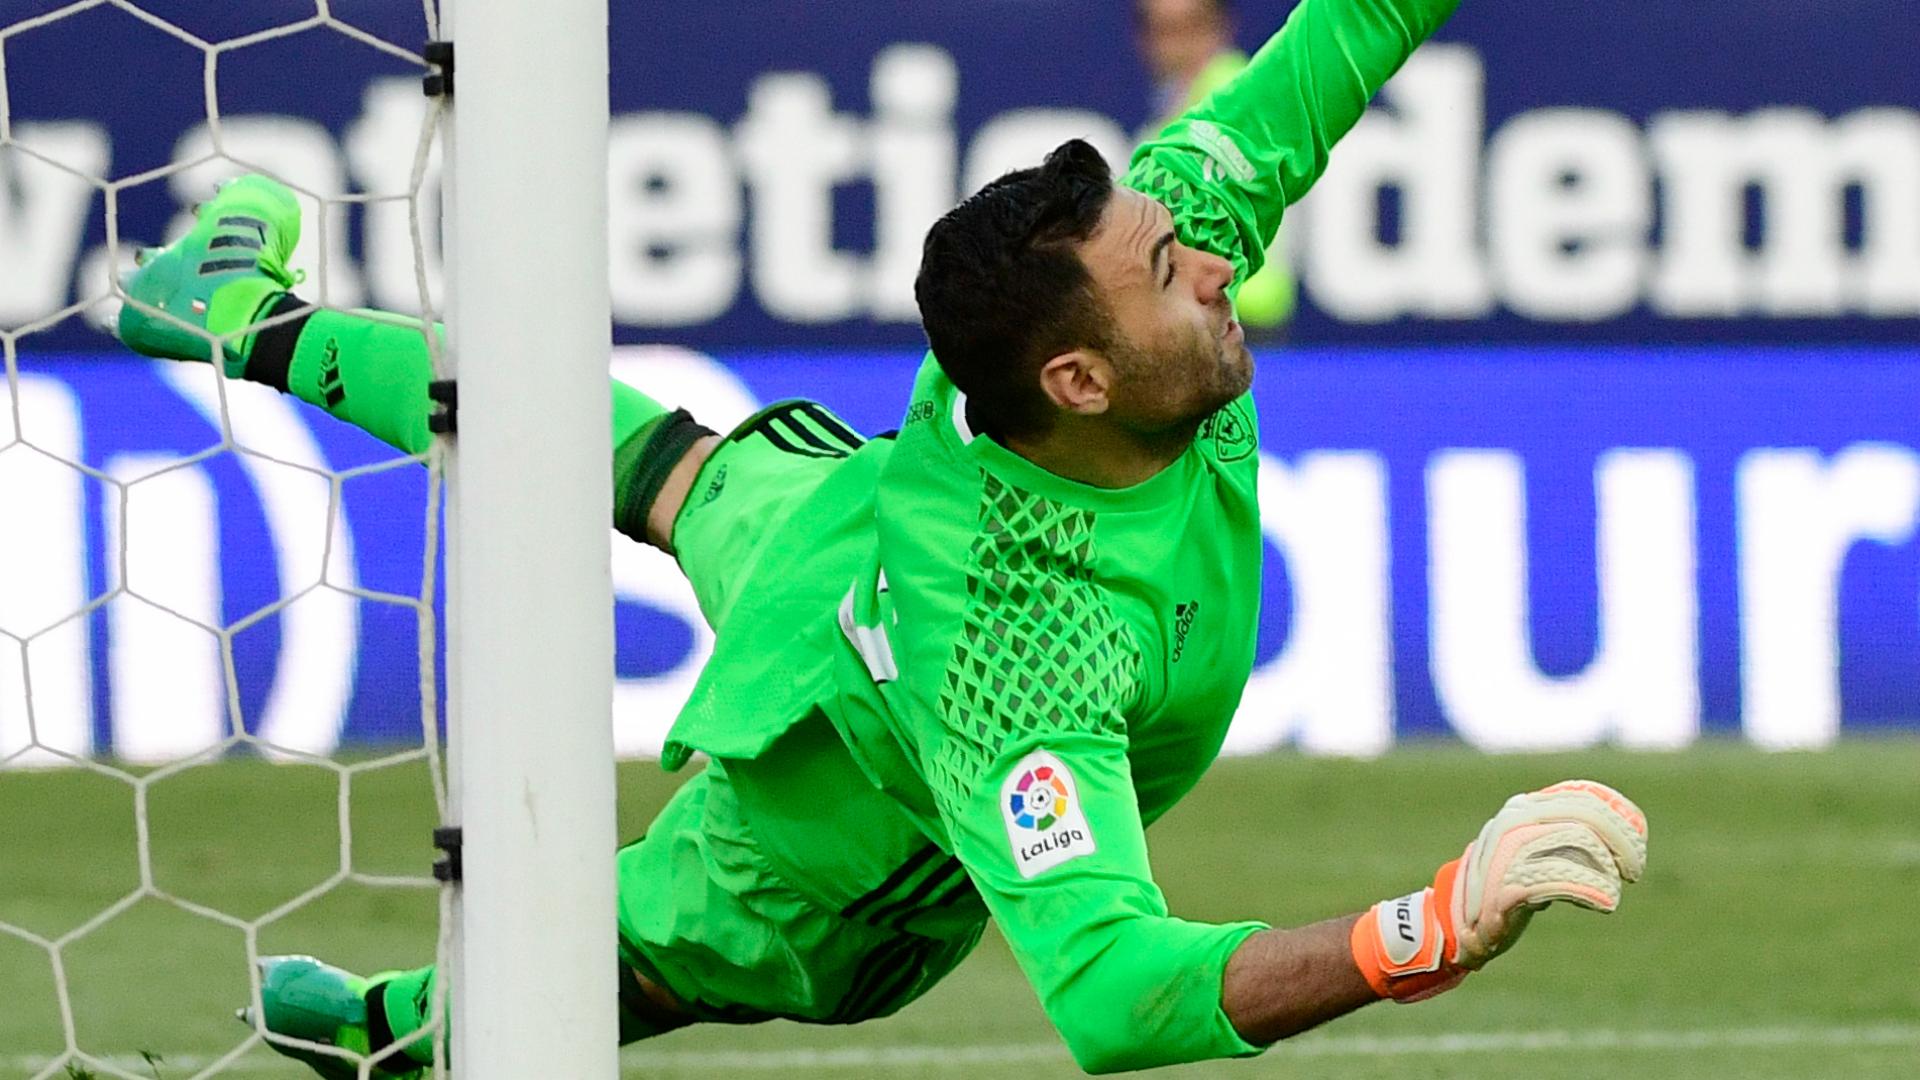 Đội hình tệ nhất La Liga 2016/17: Có Suarez, Gomes - Bóng Đá